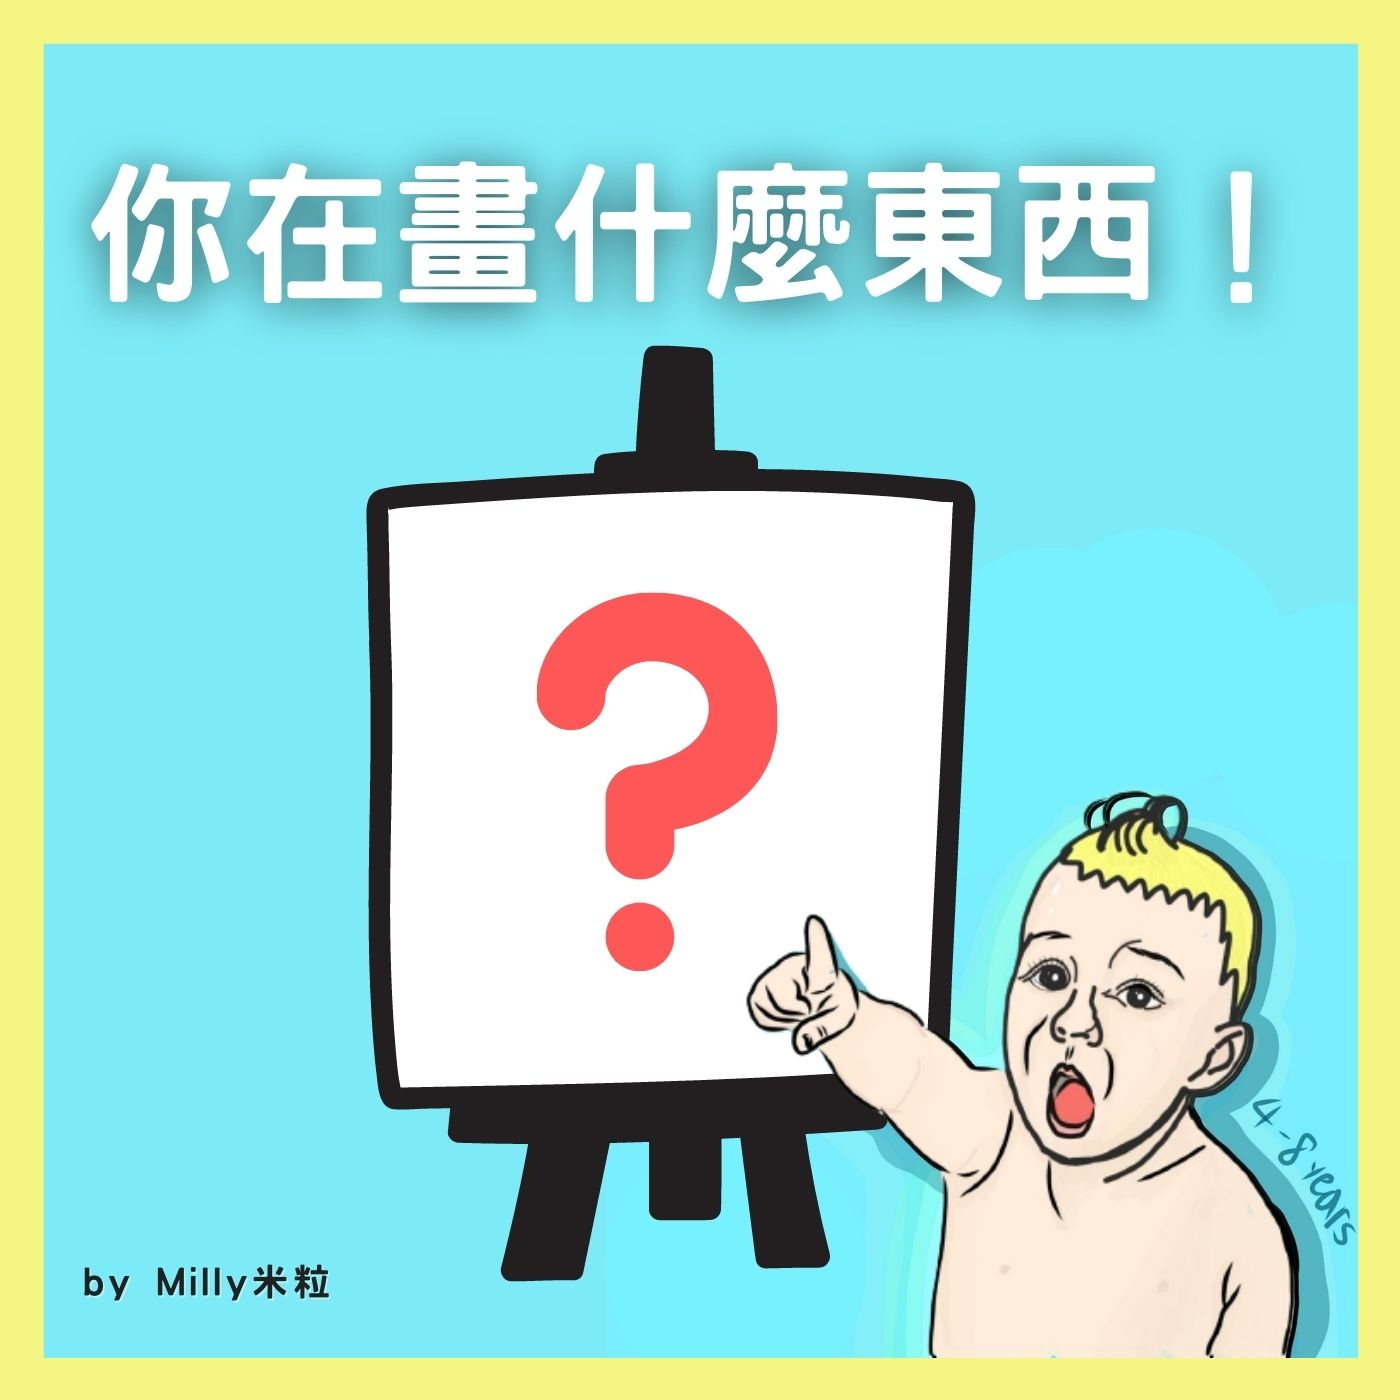 【你在畫什麼東西!】#是誰會喵喵喵的叫呢